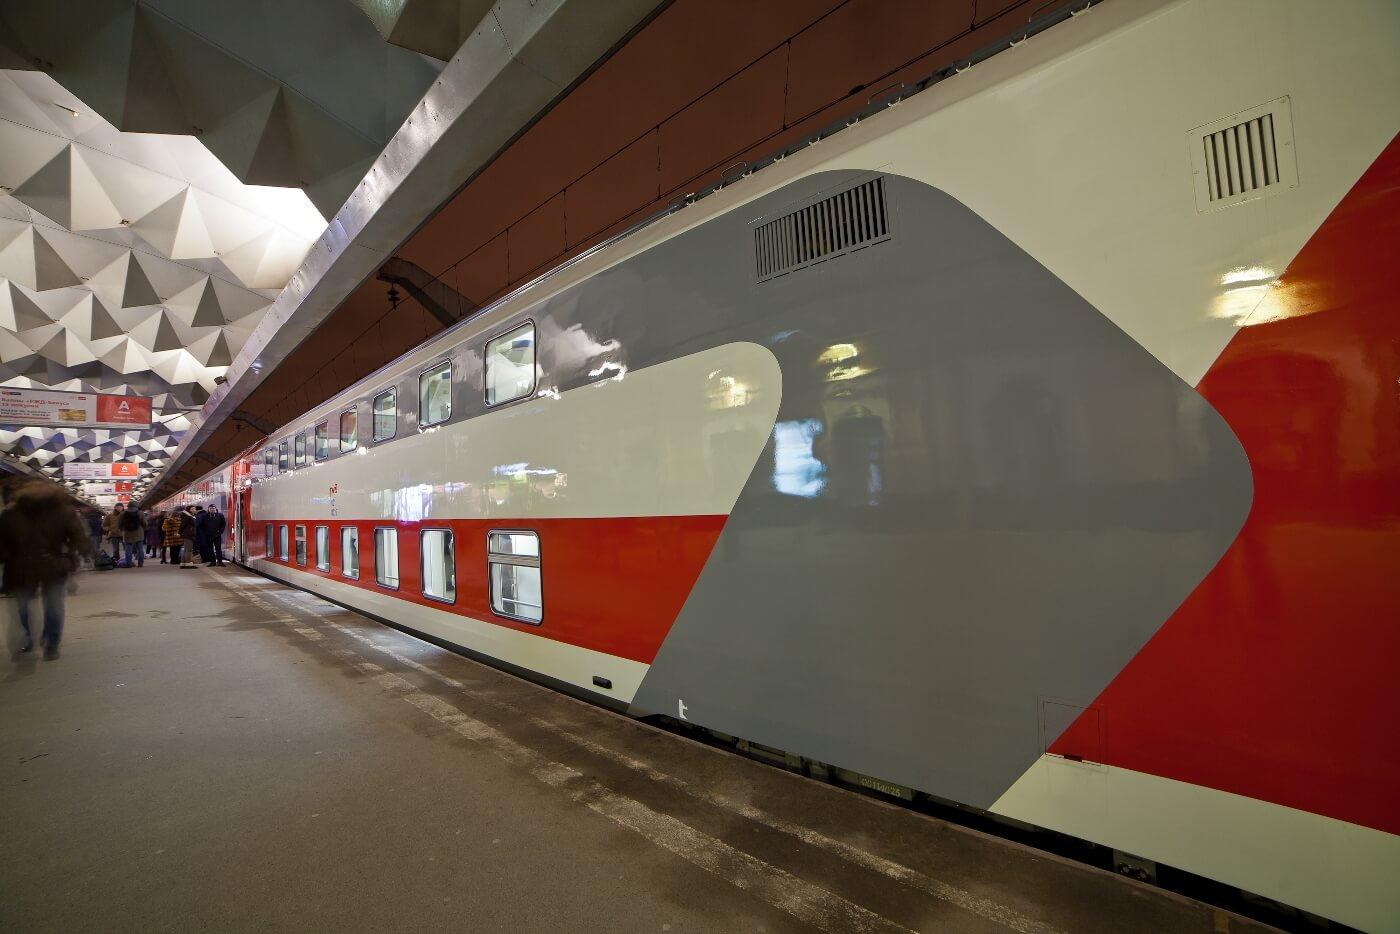 По маршруту Санкт-Петербург – Москва начал курсировать второй поезд, сформированный из двухэтажных вагонов